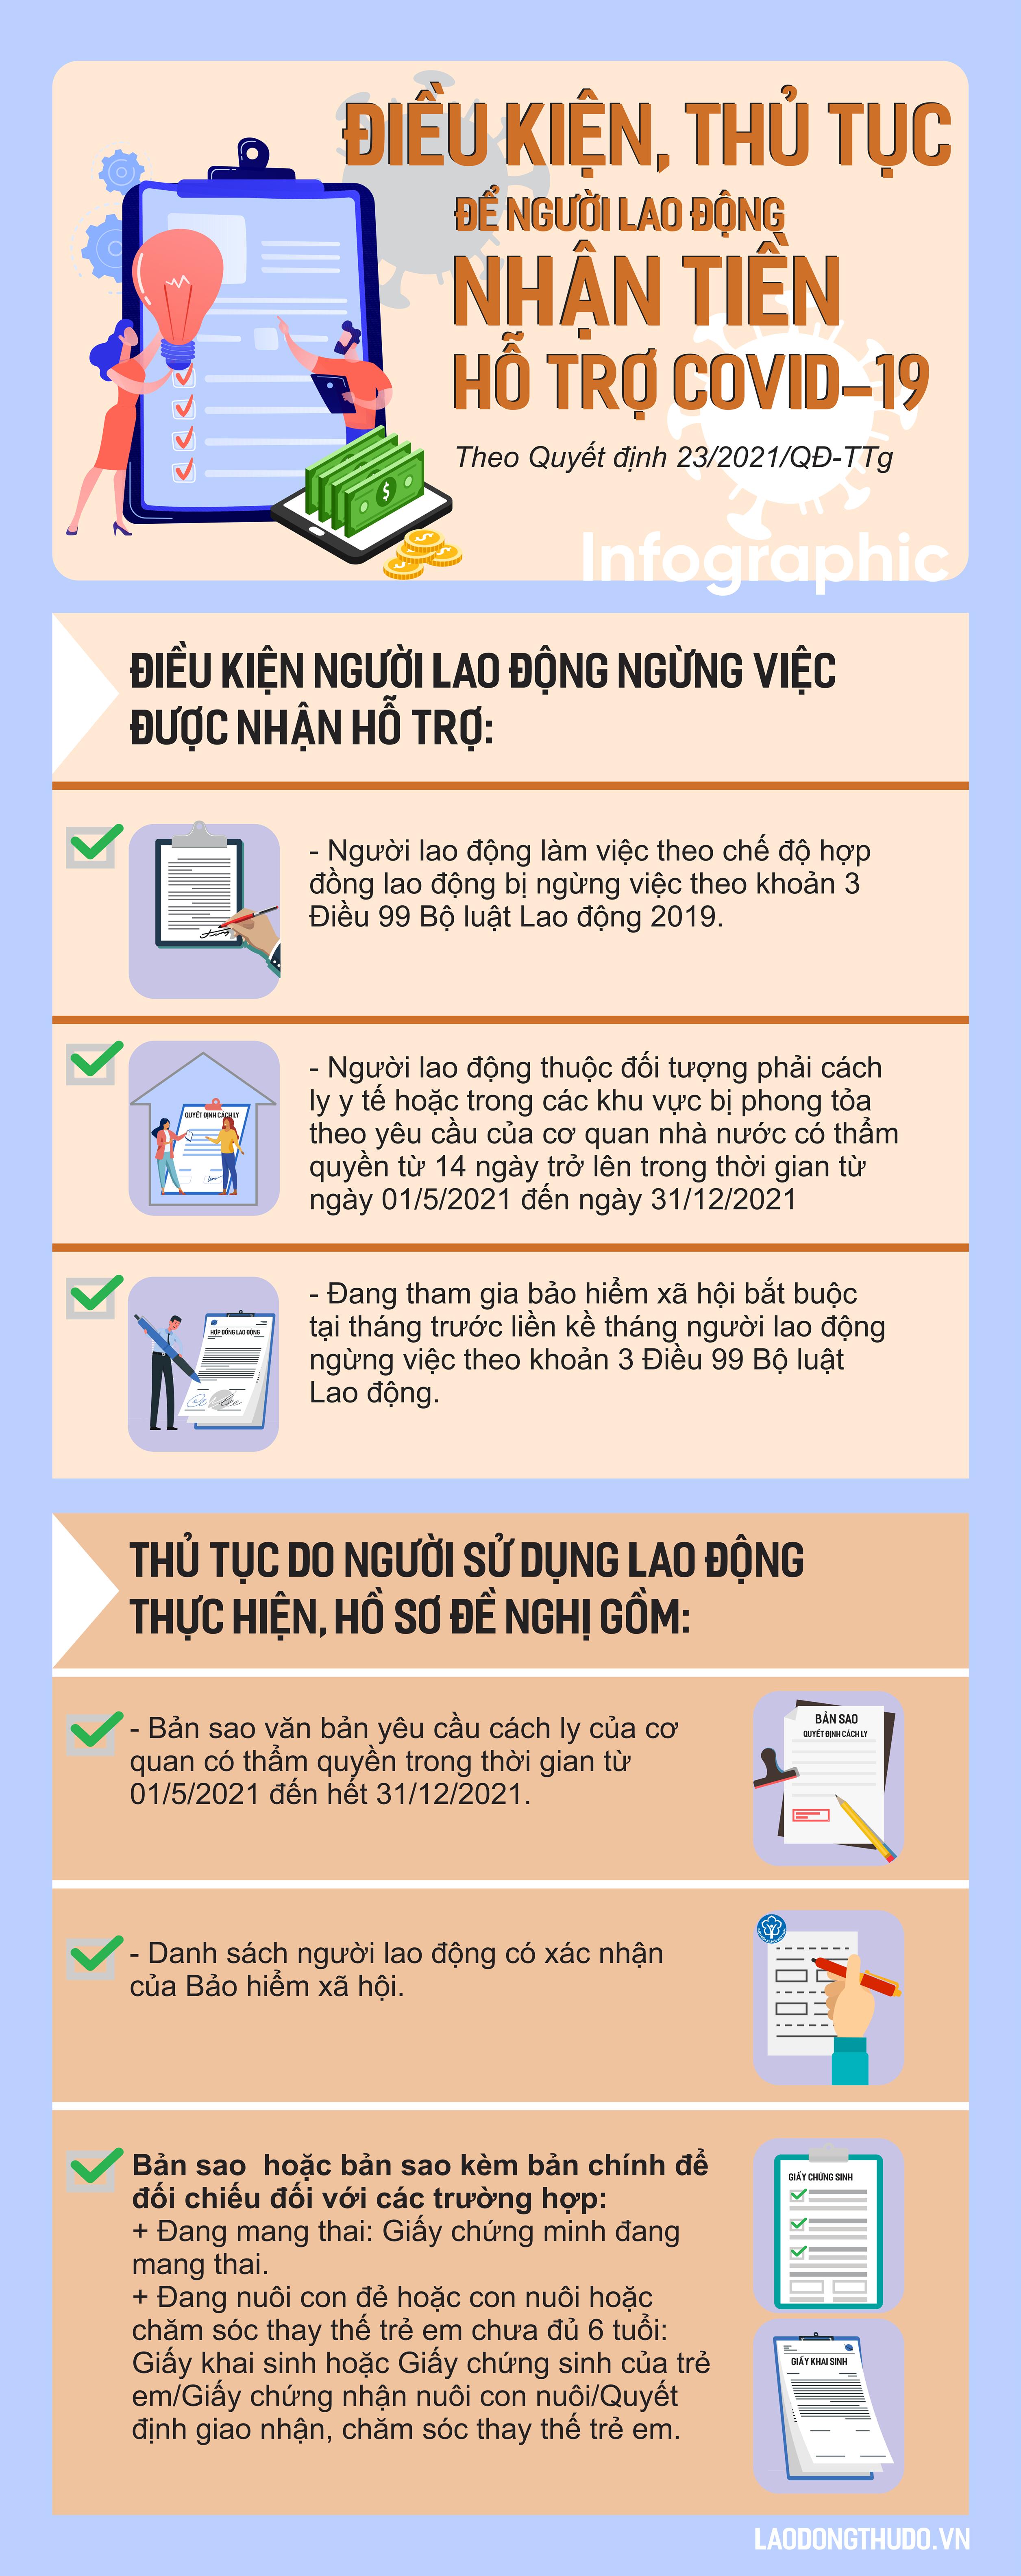 Infographic: Điều kiện và thủ tục để người lao động nhận tiền hỗ trợ Covid-19